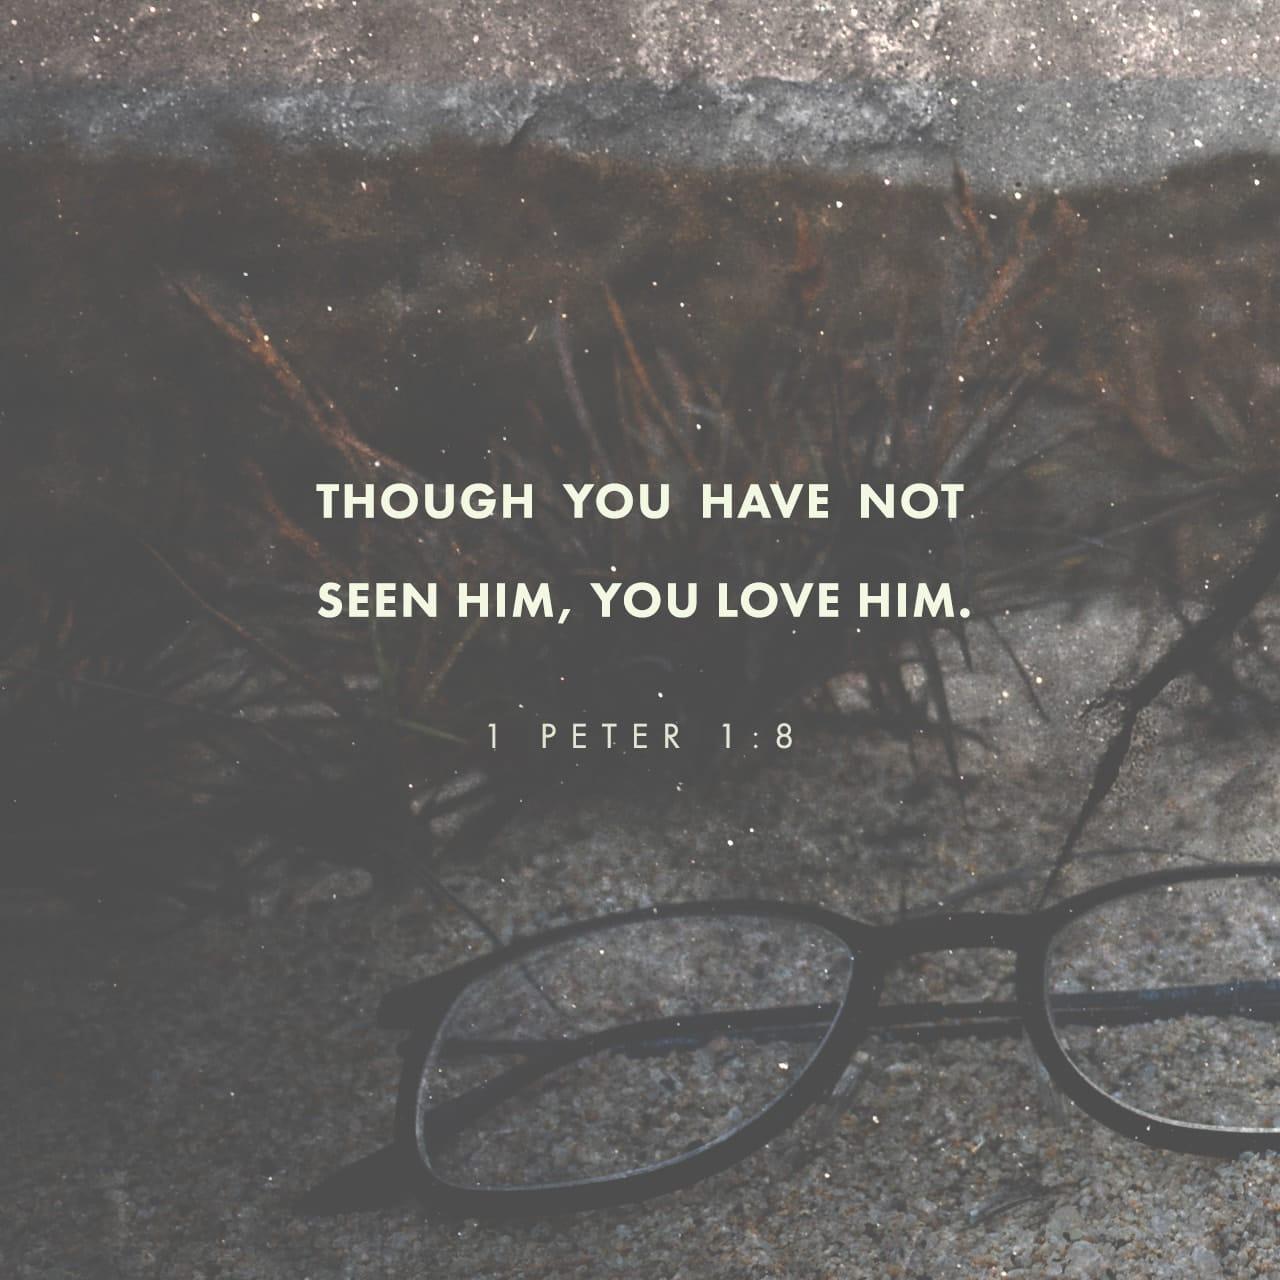 1 Pedro 1:8 Ustedes aman a Jesucristo a pesar de que nunca lo han visto. Aunque ahora no lo ven, confían en él y se gozan con una alegría gloriosa e indescriptible. | Nueva Traducción Viviente (NTV)